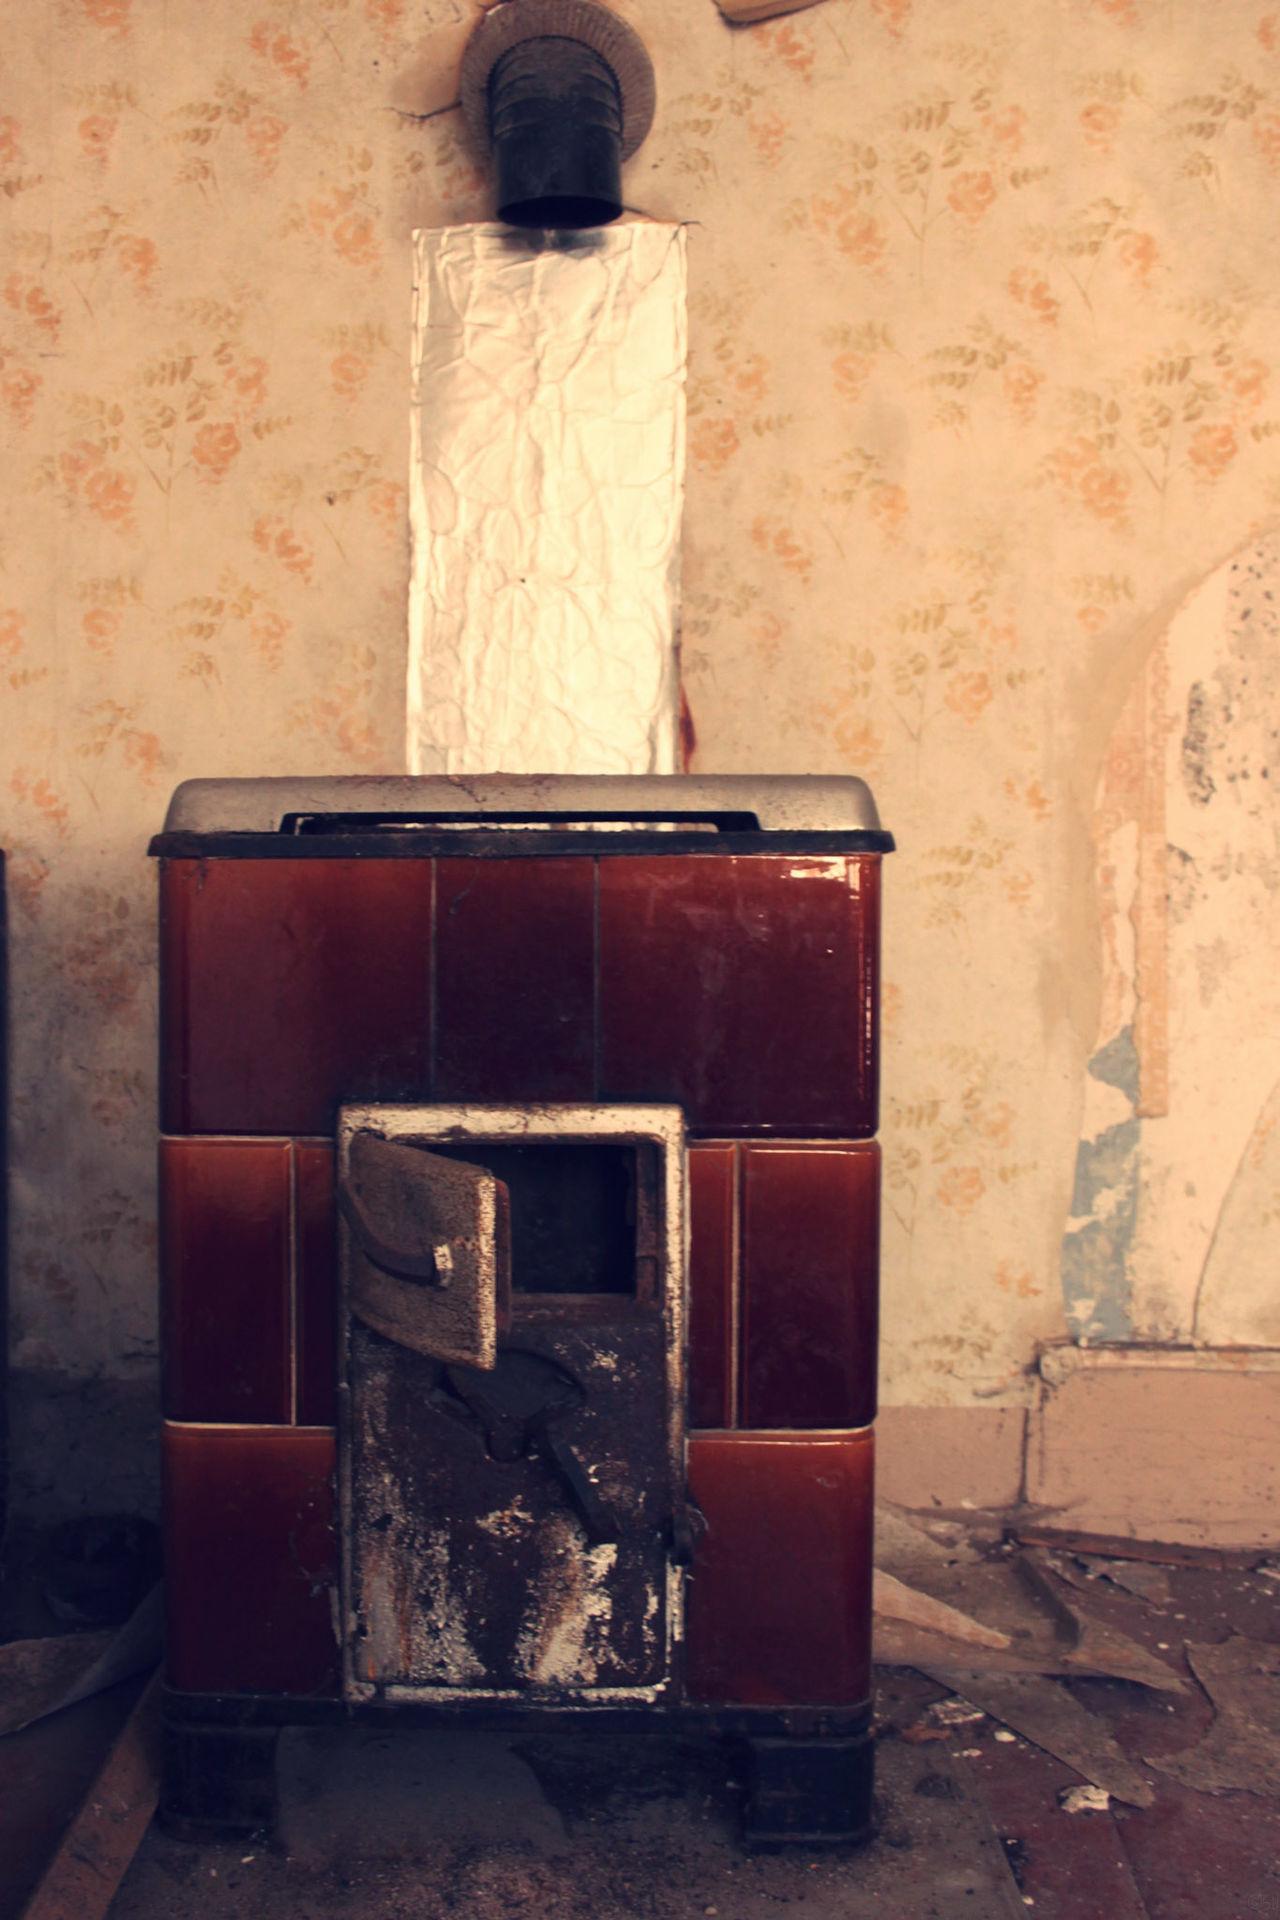 Damals Wollte Man Erwachsen Sein, Und Heute Möchte Man Die Alten Zeiten Zurück ❤ Damalswars Oldschool Retro Styled Ofen Retro